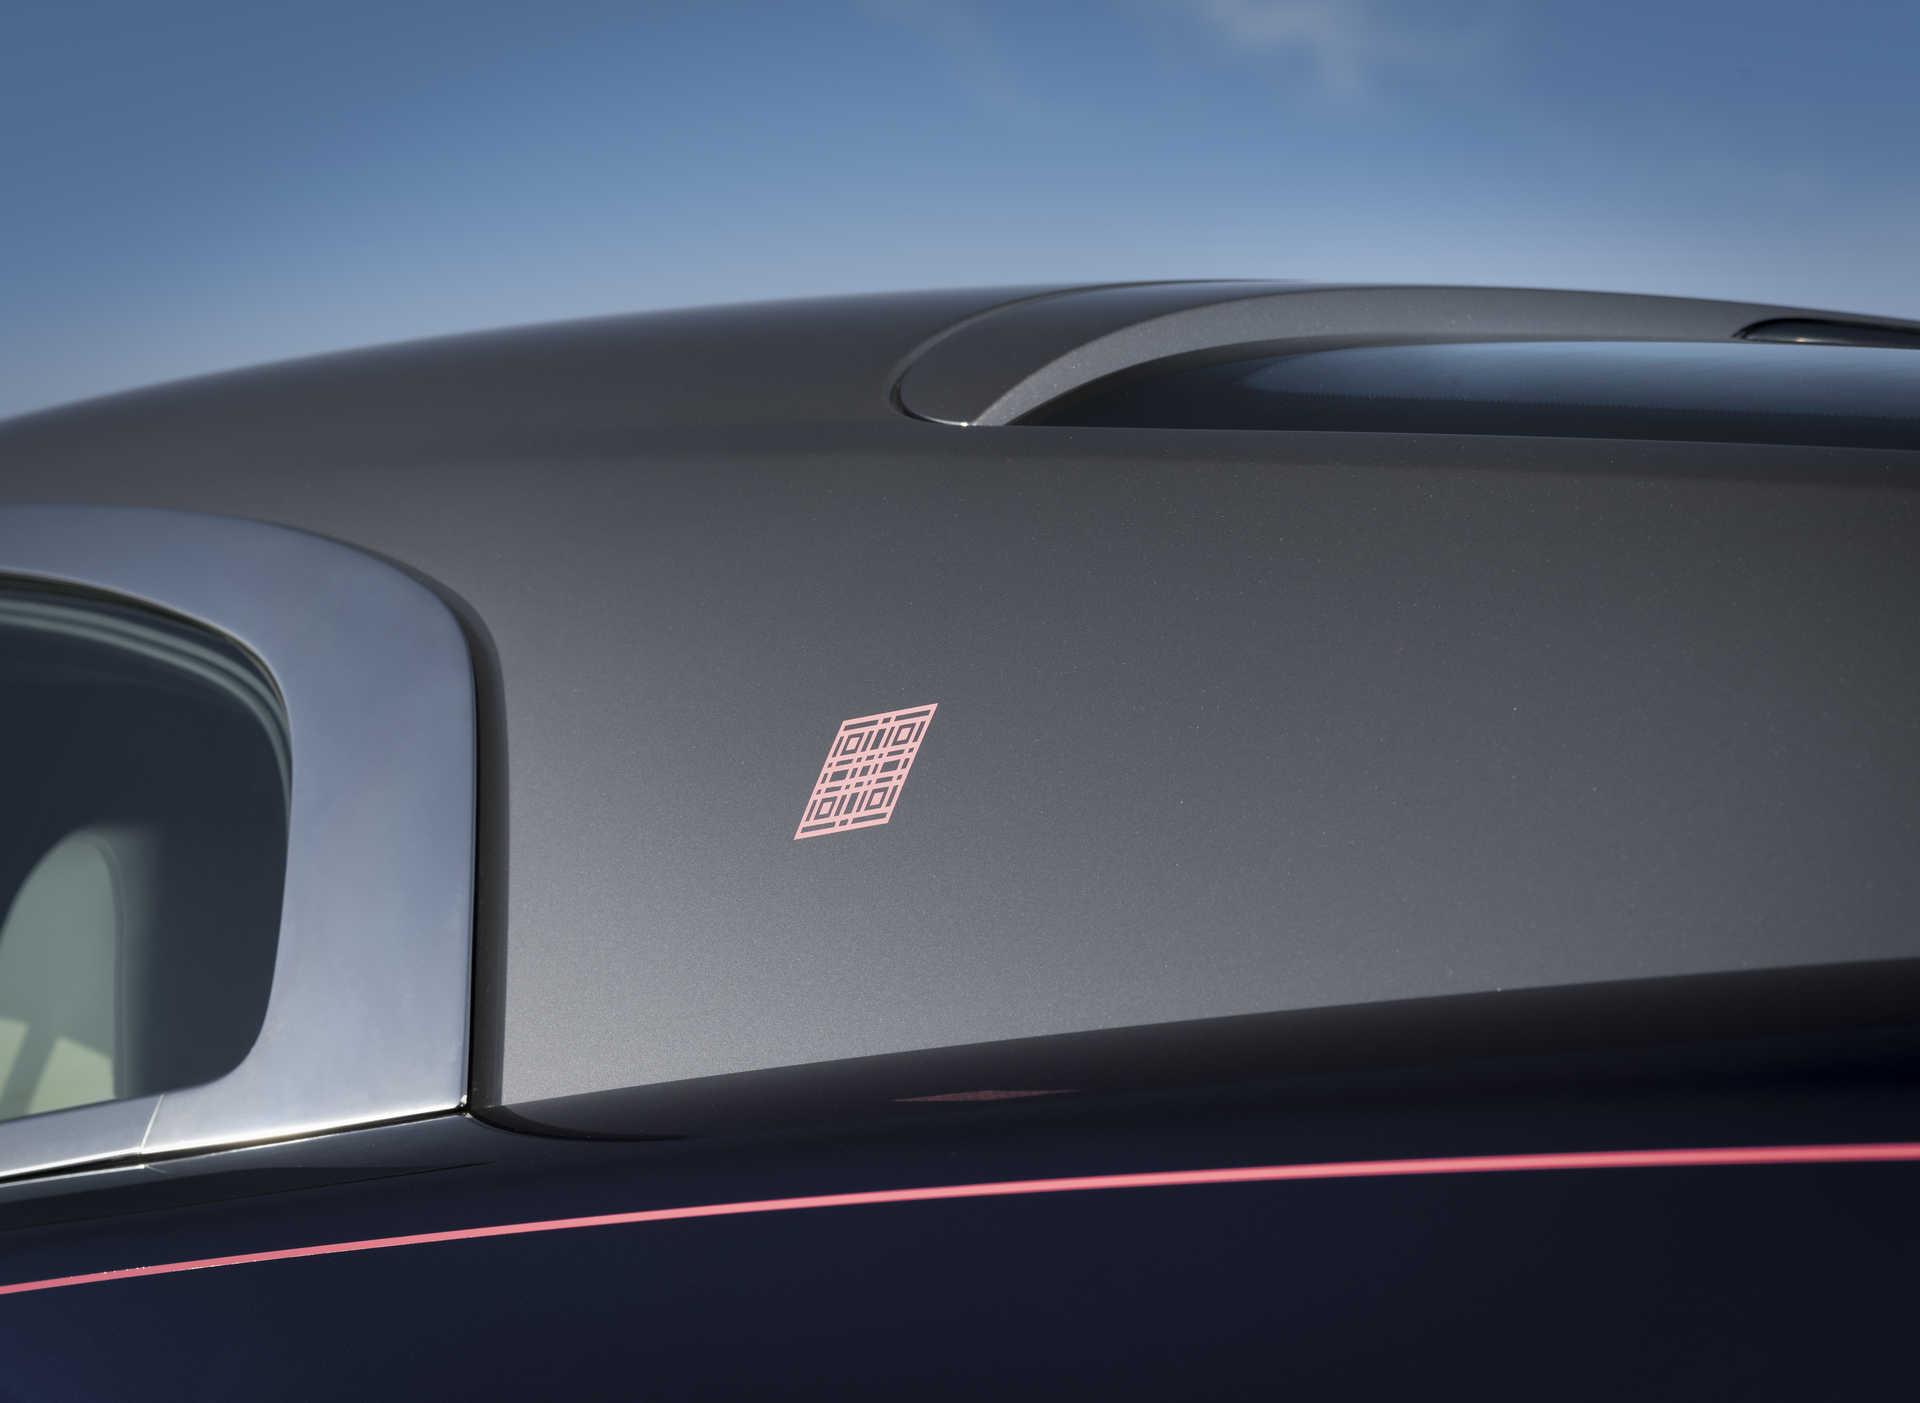 Rolls Royce Wraith Busan Edition